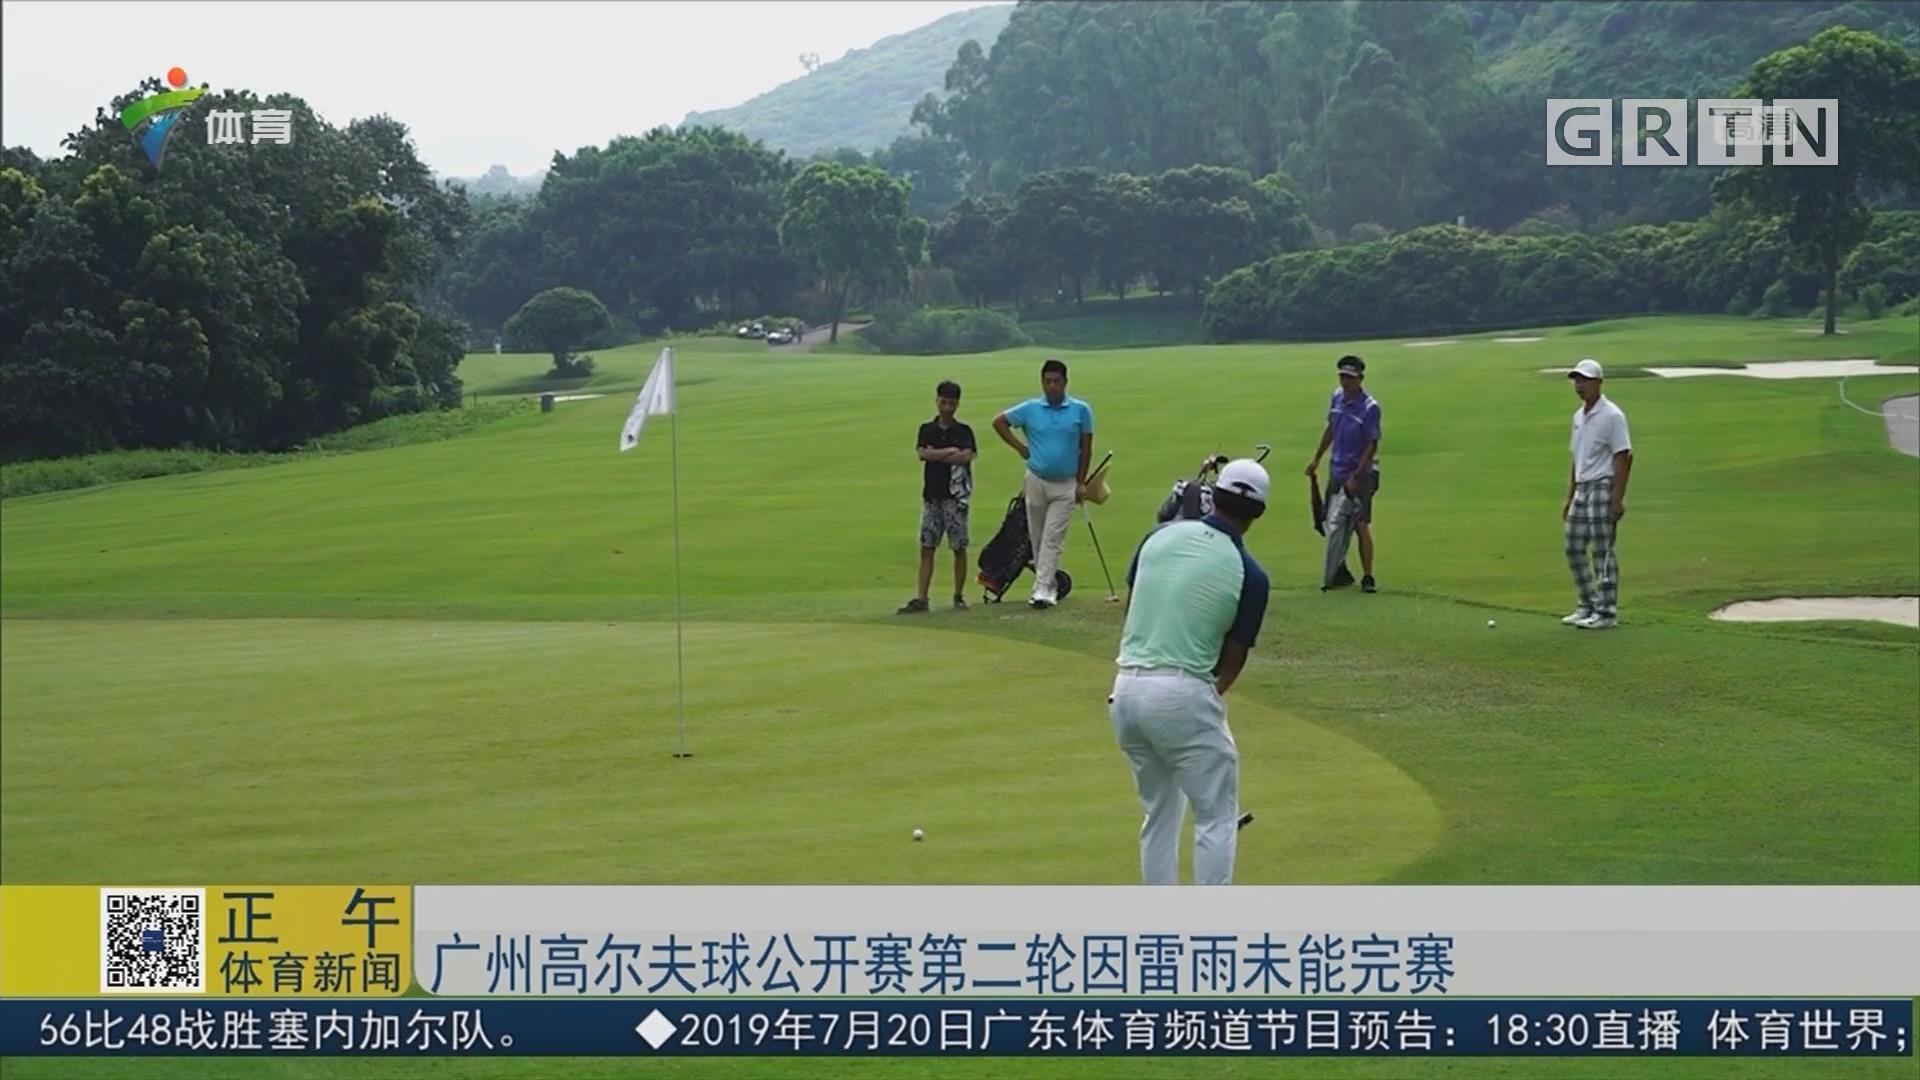 广州高尔夫球公开赛第二轮因雷雨未能完赛